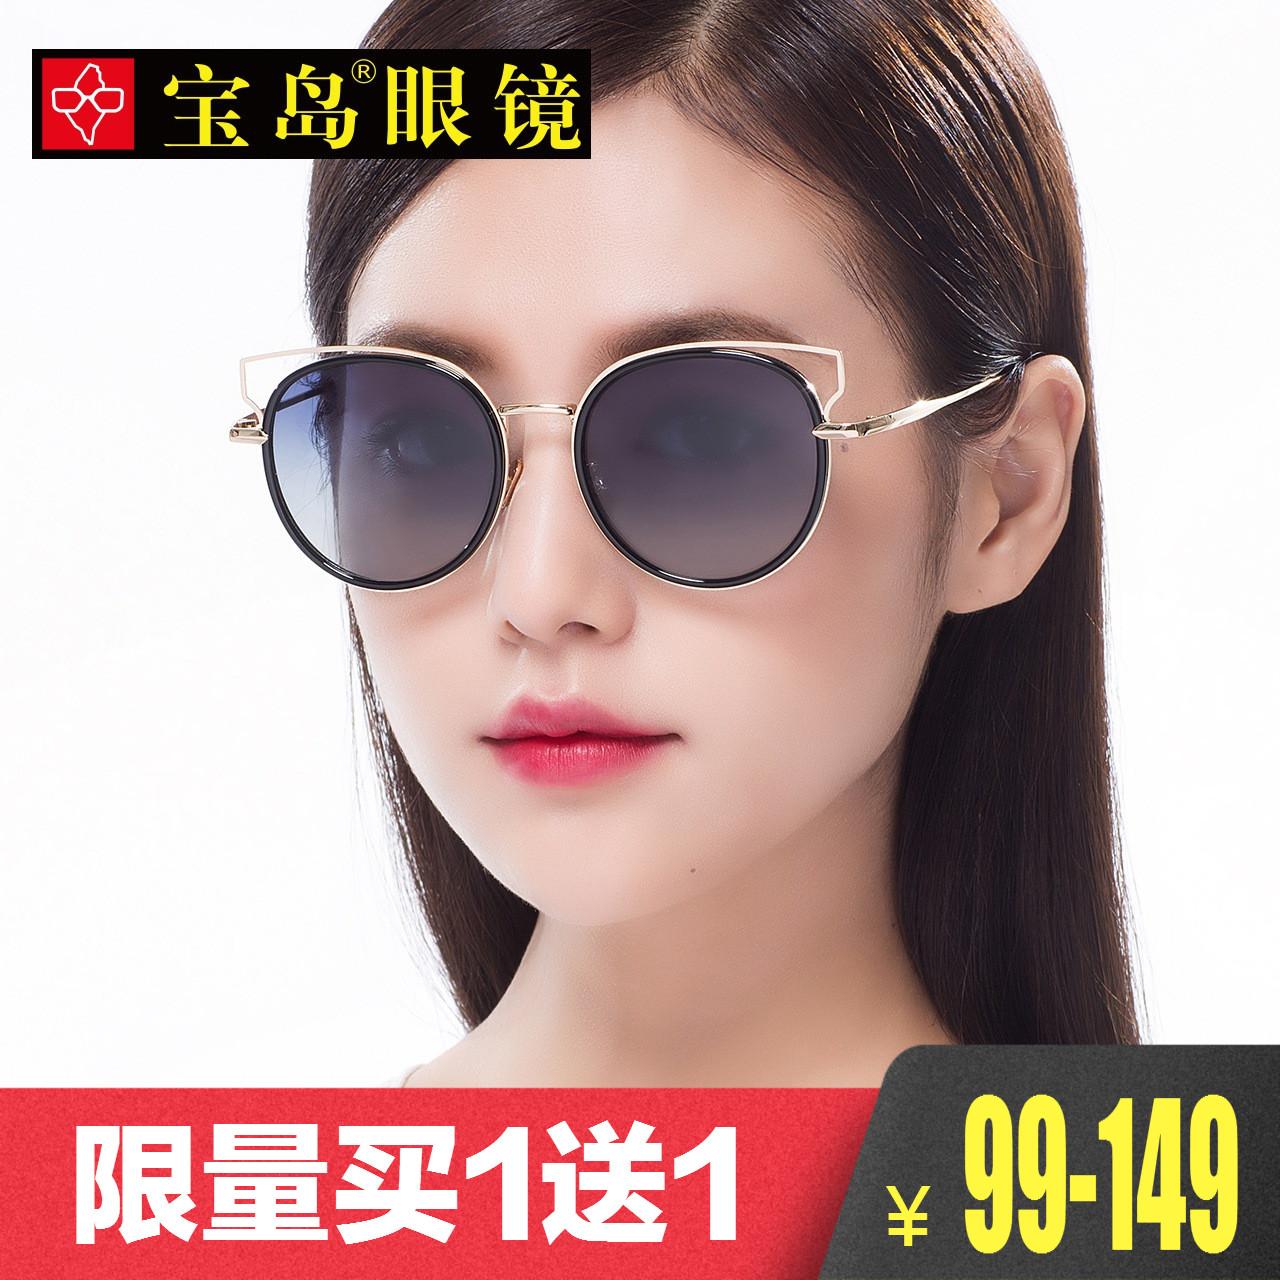 目戏眼镜 新款偏光太阳镜女韩版潮墨镜防紫外线驾驶太阳镜 7004